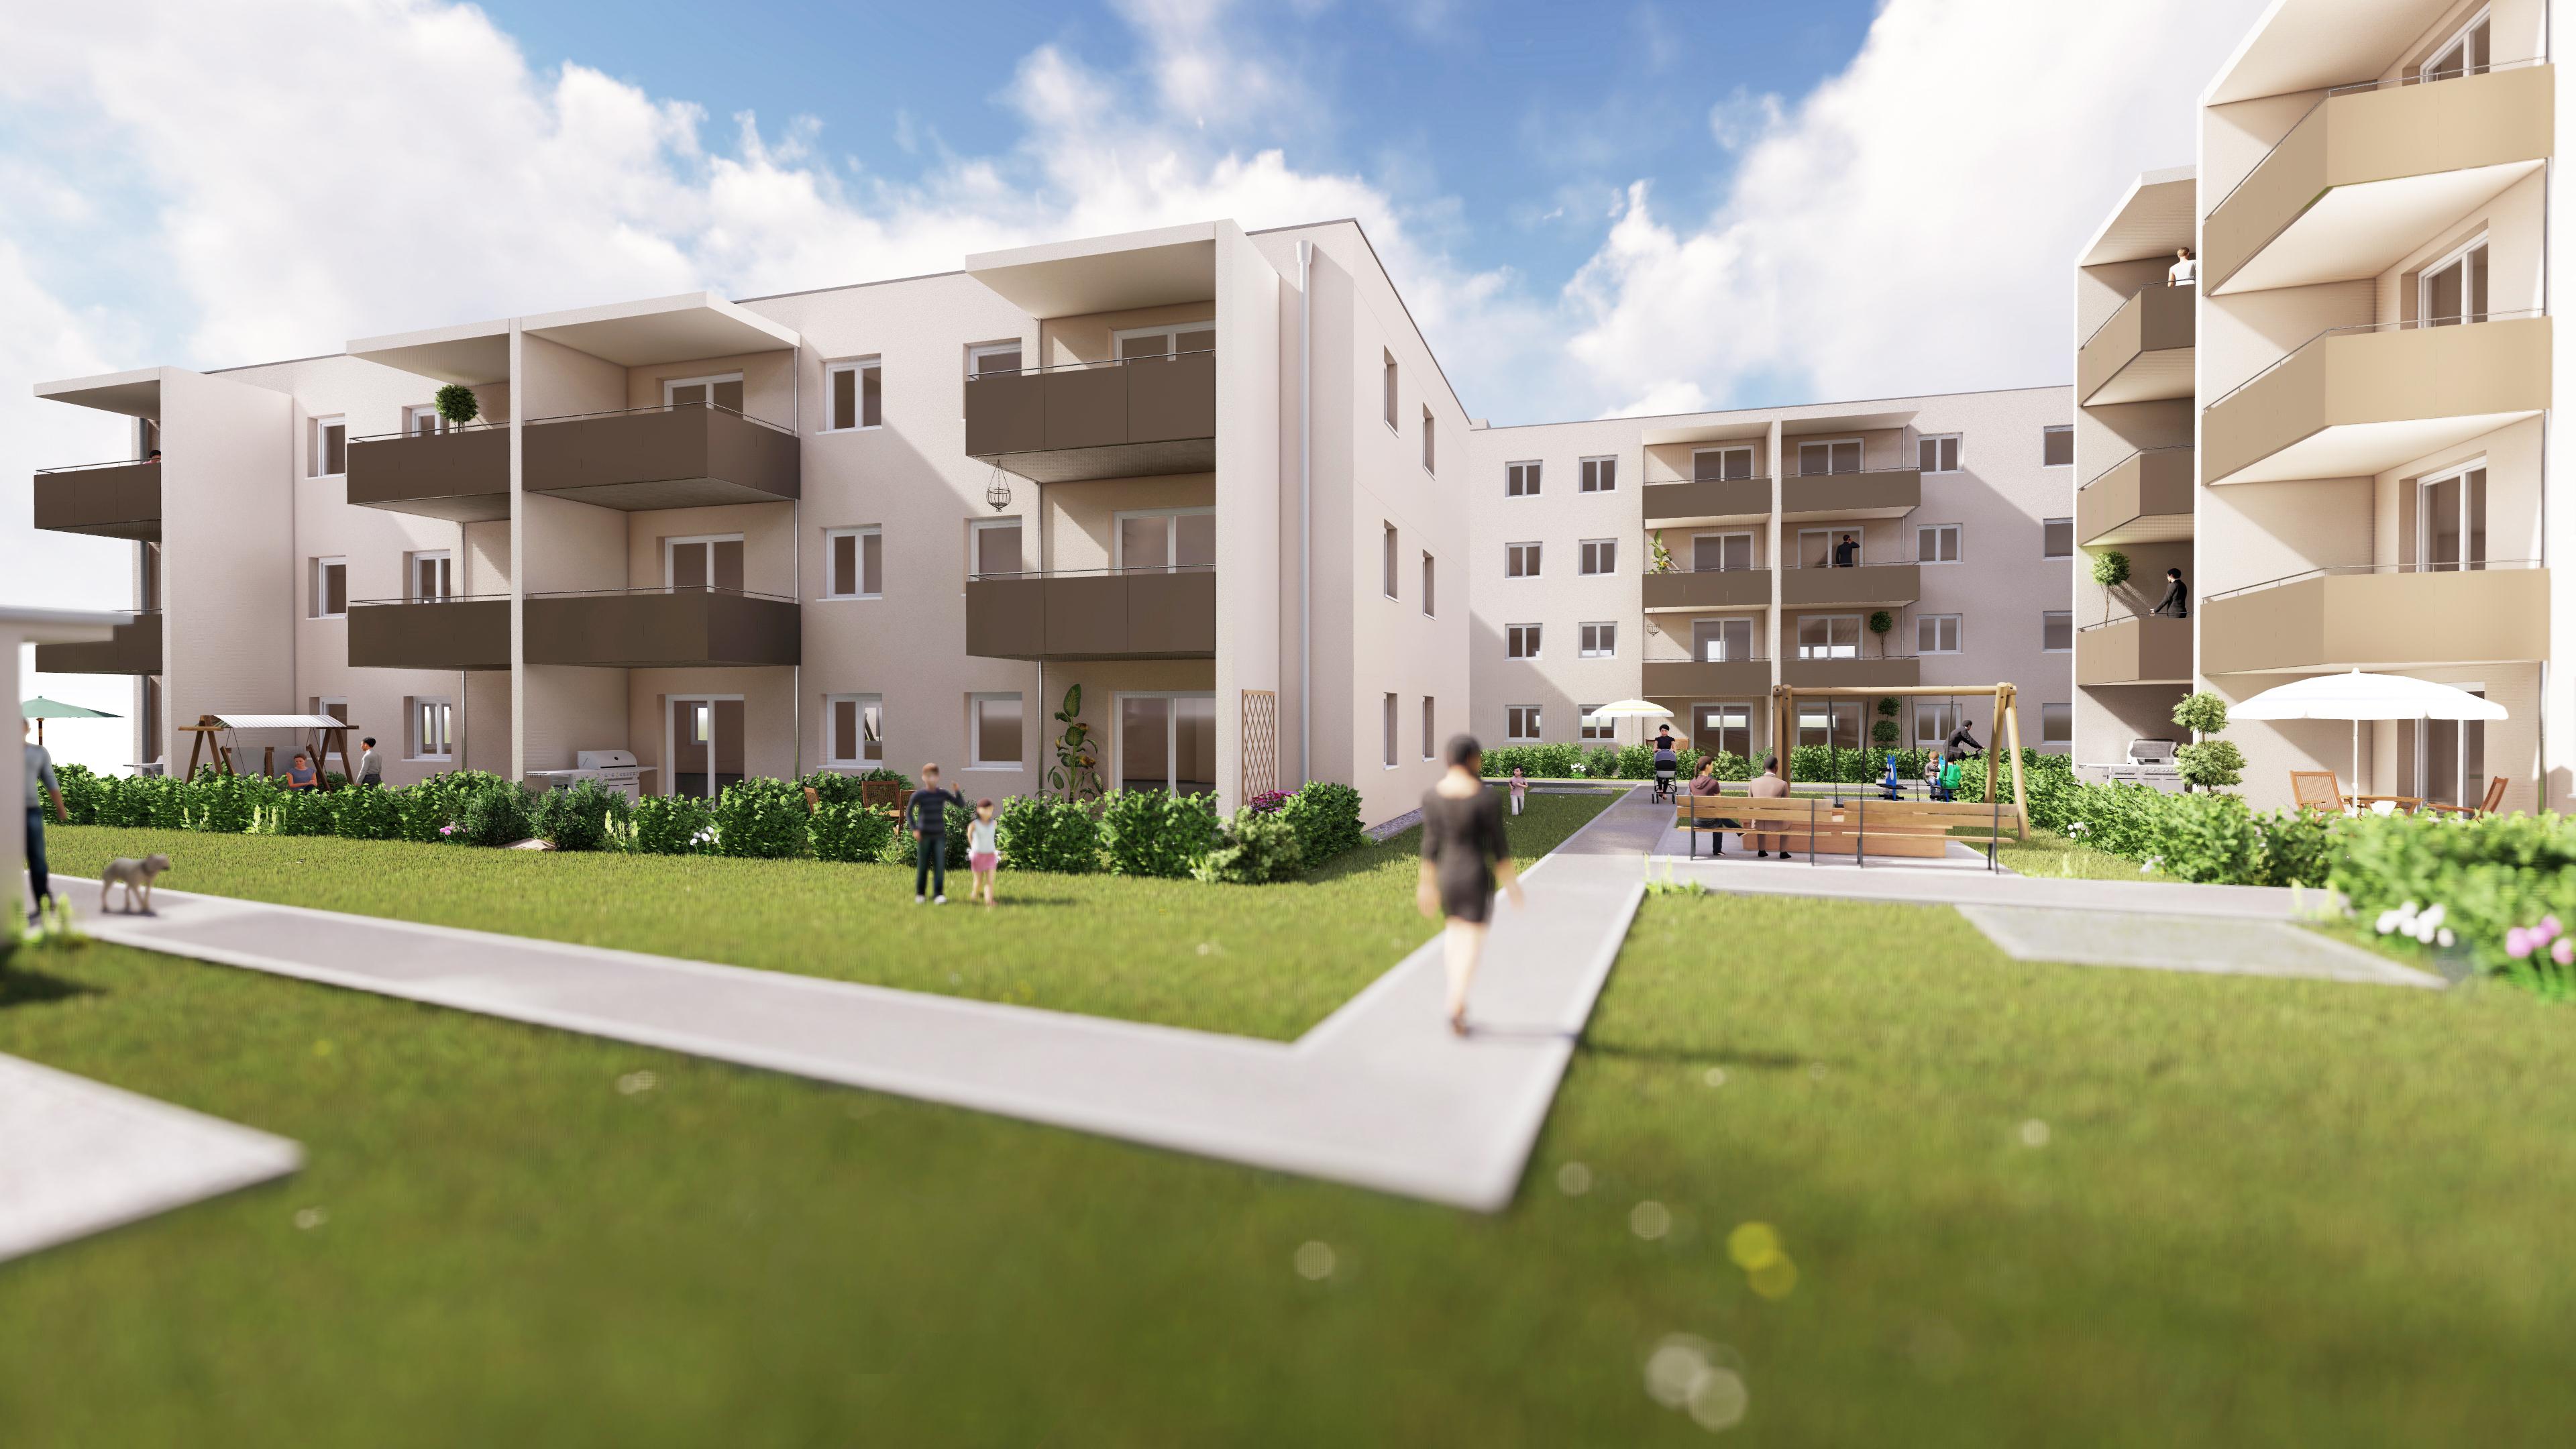 Immobilie von Lebensräume in 4616 Weißkirchen an der Traun - 1.10 / 1 #1